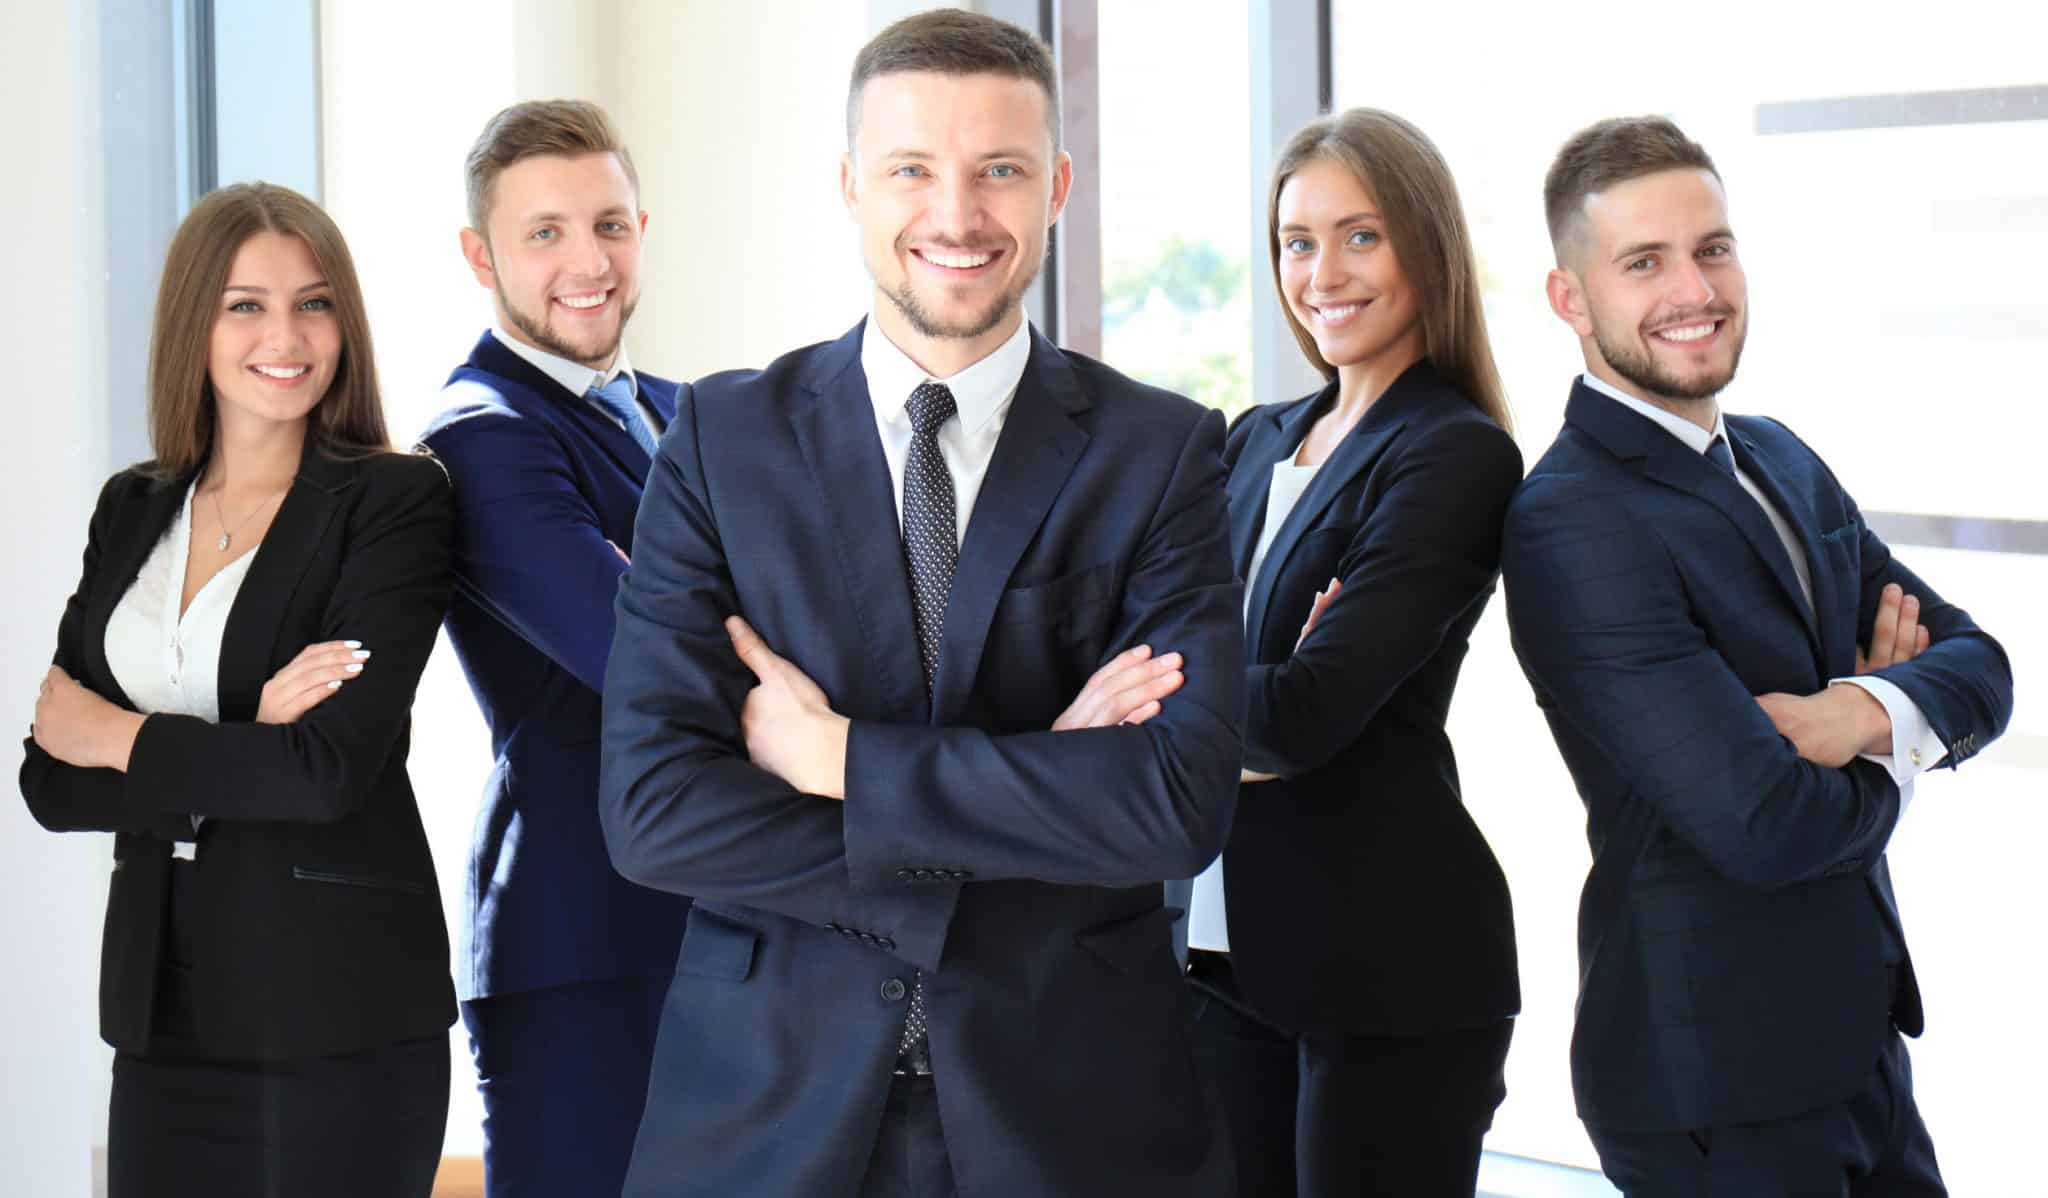 Qualitätsmanagement-Beauftragter mit Zertifizierung